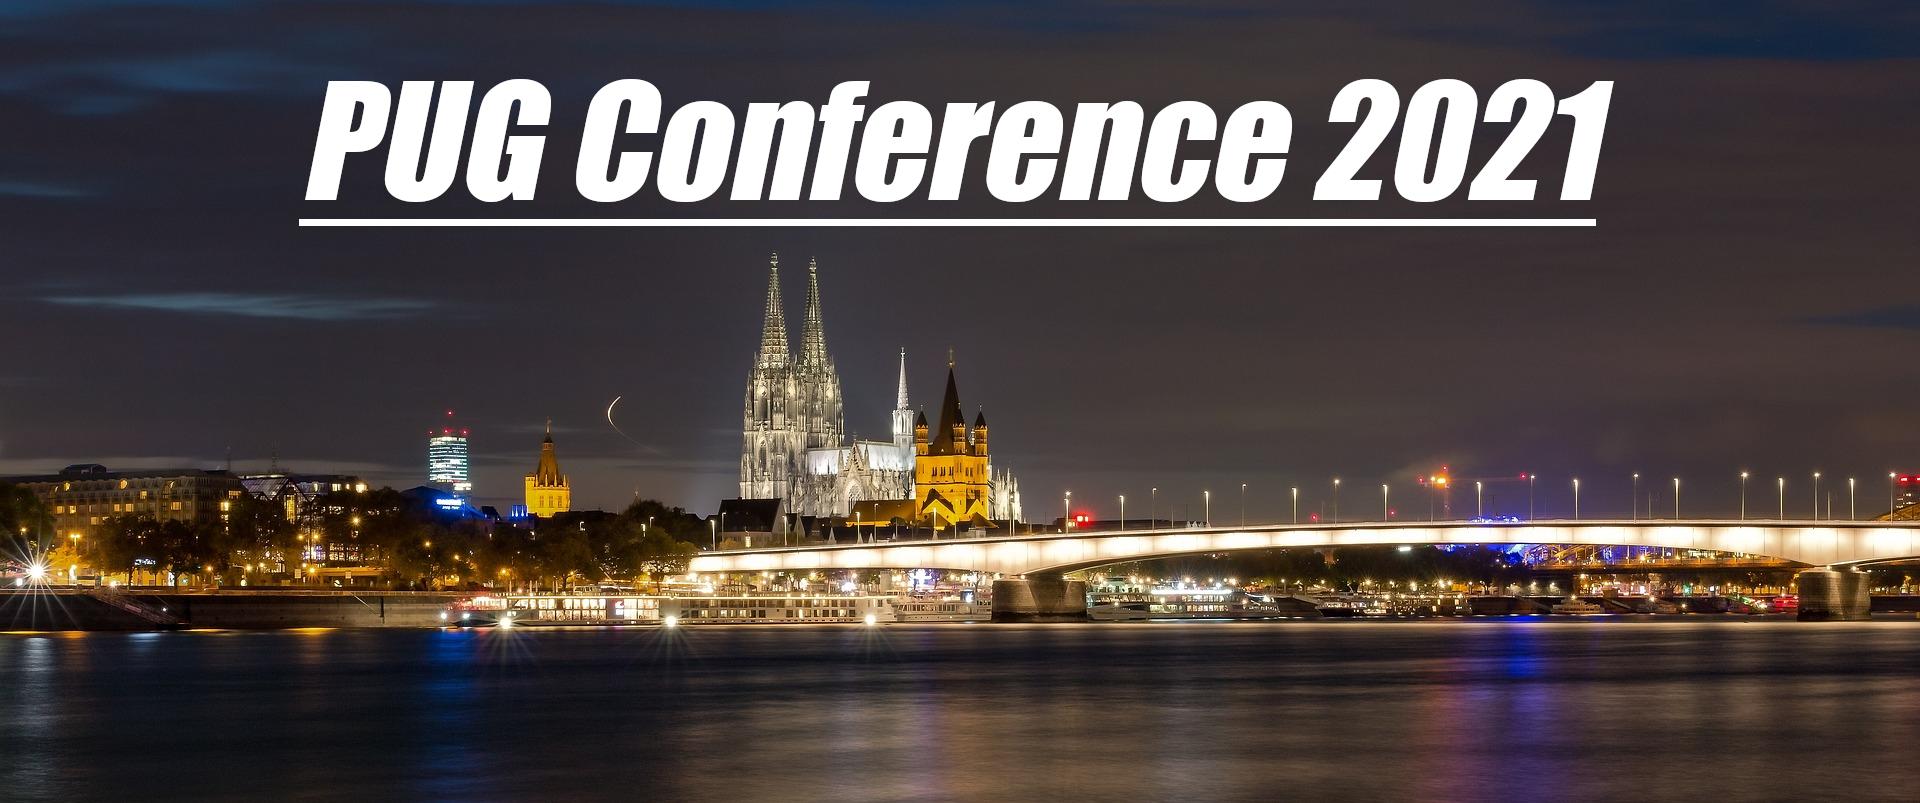 PUG Conference Header